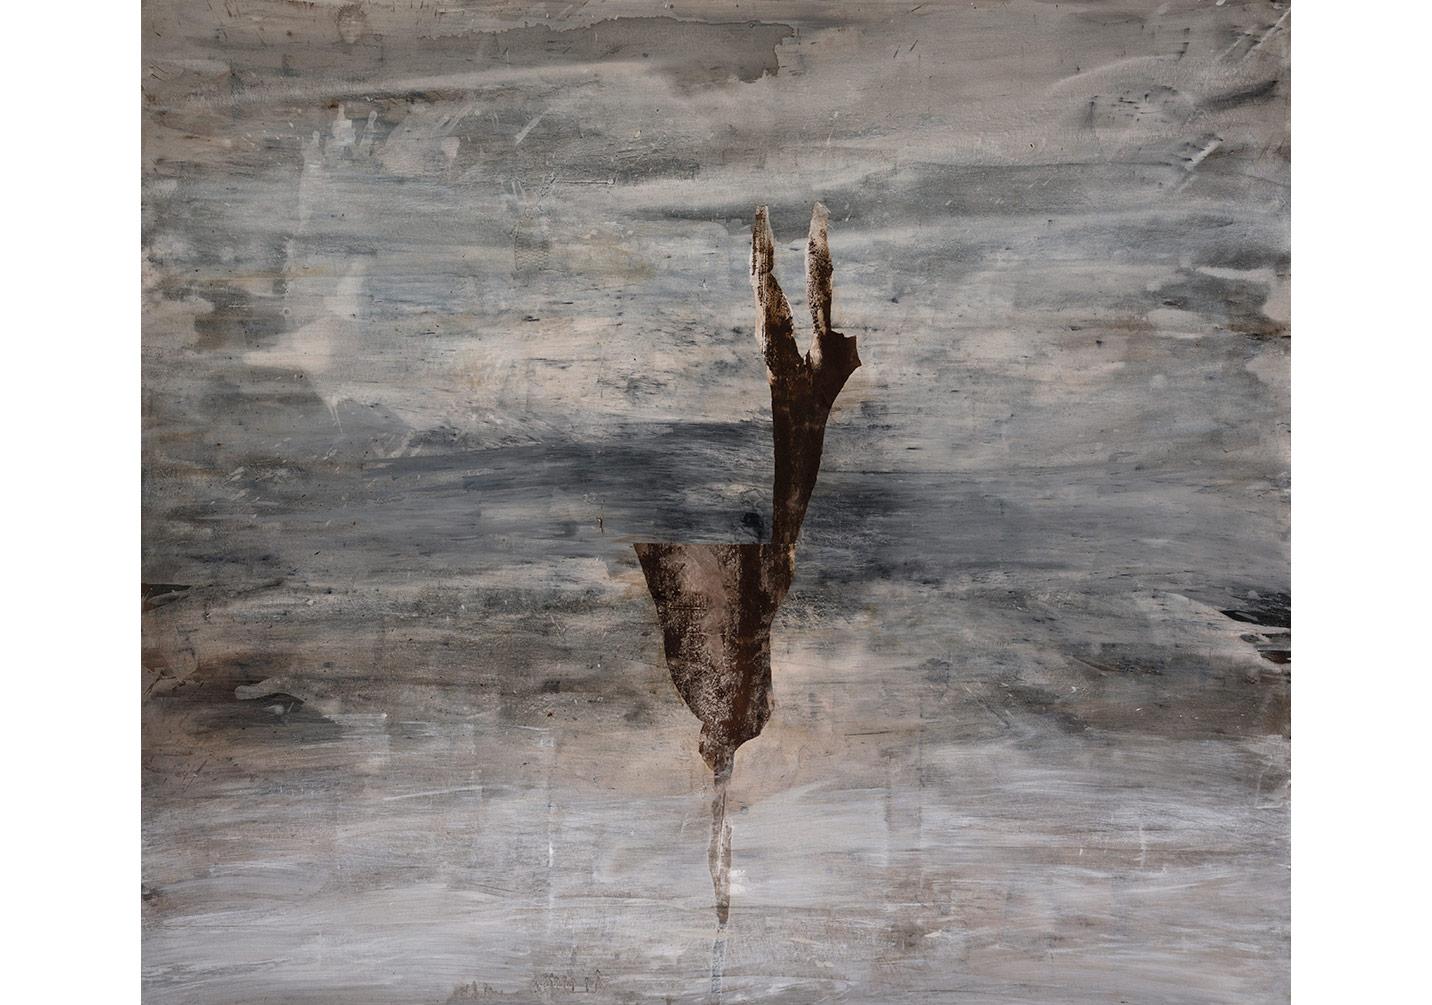 İsimsiz, 2015, tuval üzerine karışık teknik, 167 x 194 cm